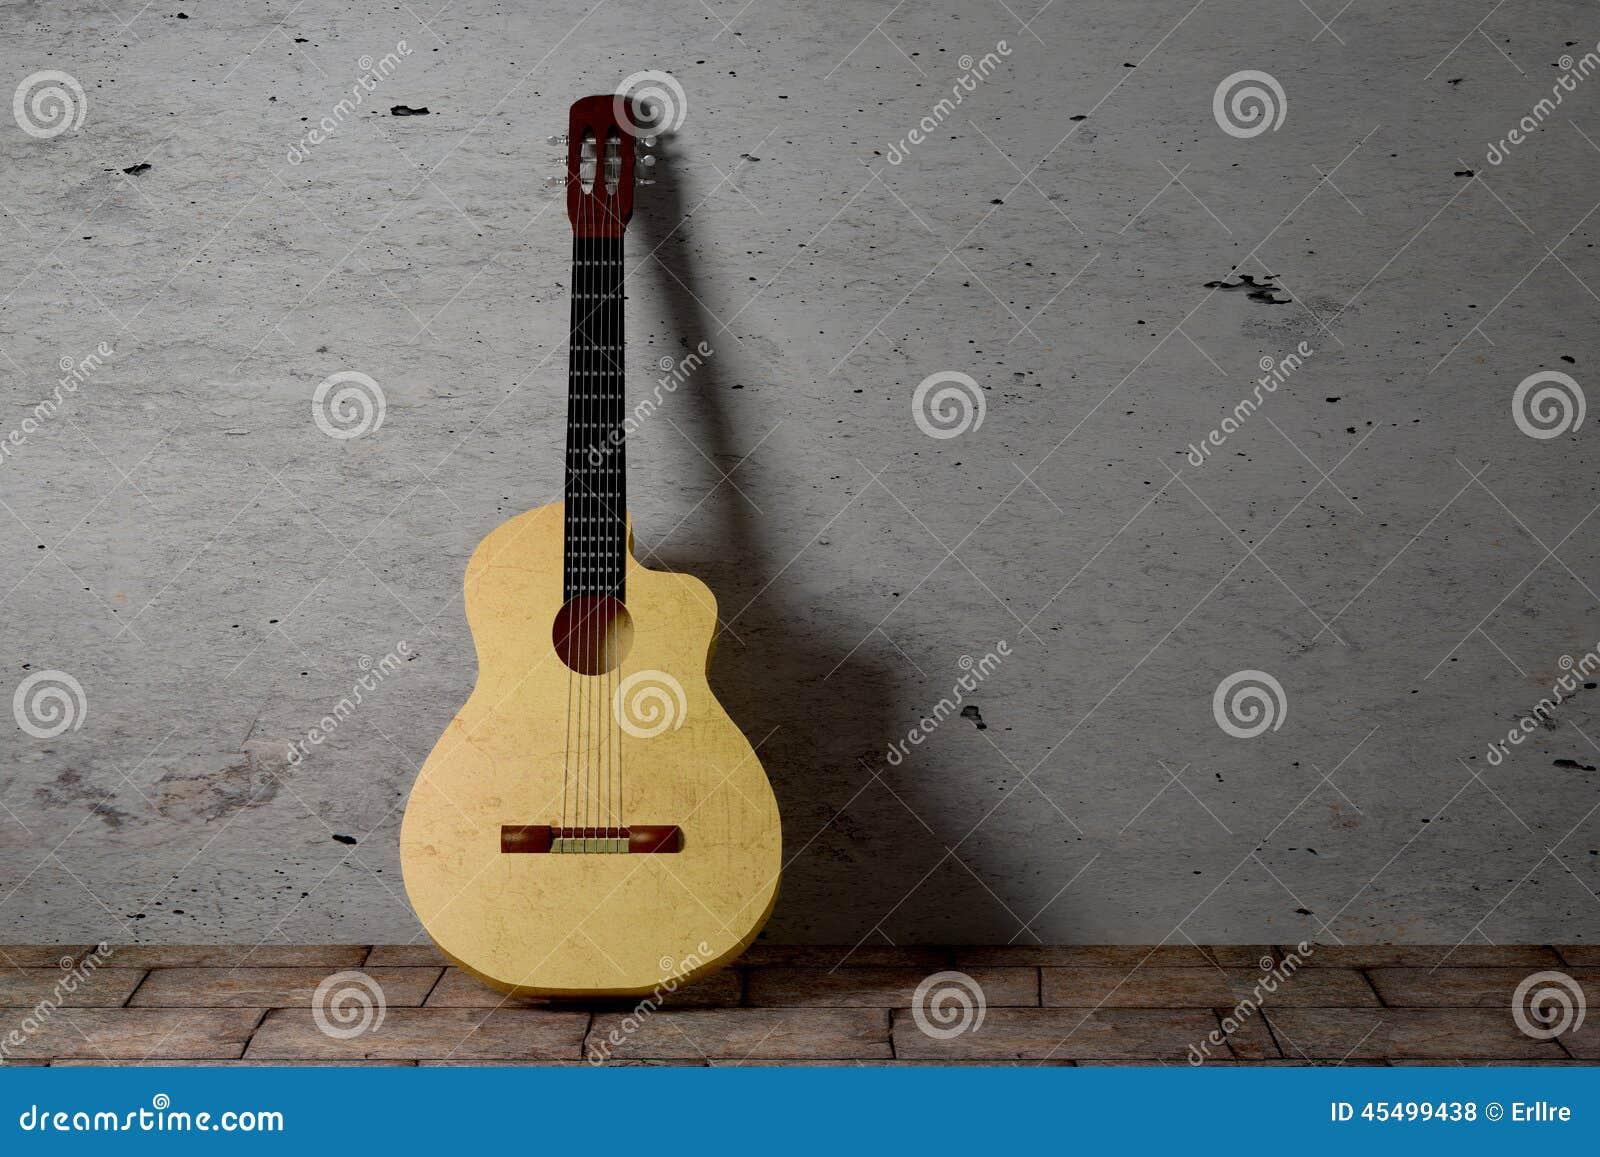 佛拉明柯舞曲吉他